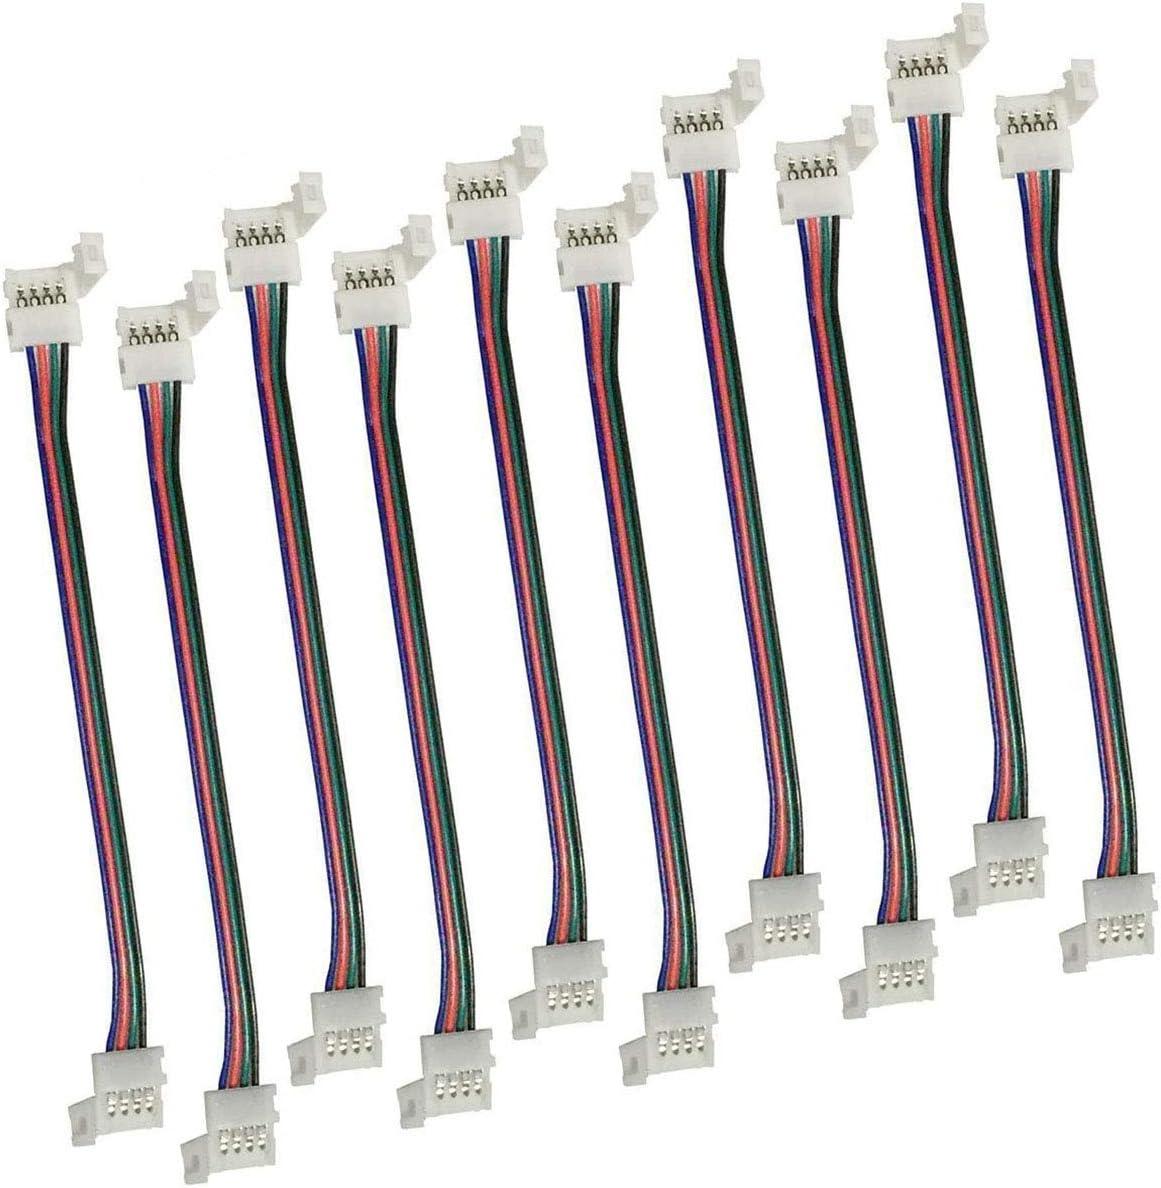 LitaElek 4 Pines Conector de Tira LED RGB 5050 Cable de extensión de luz de Cinta LED Conector de Esquina de LED Strip para Tira LED SMD 5050 RGB de 10mm de Ancho Impermeable y no Impermeable (10pcs)